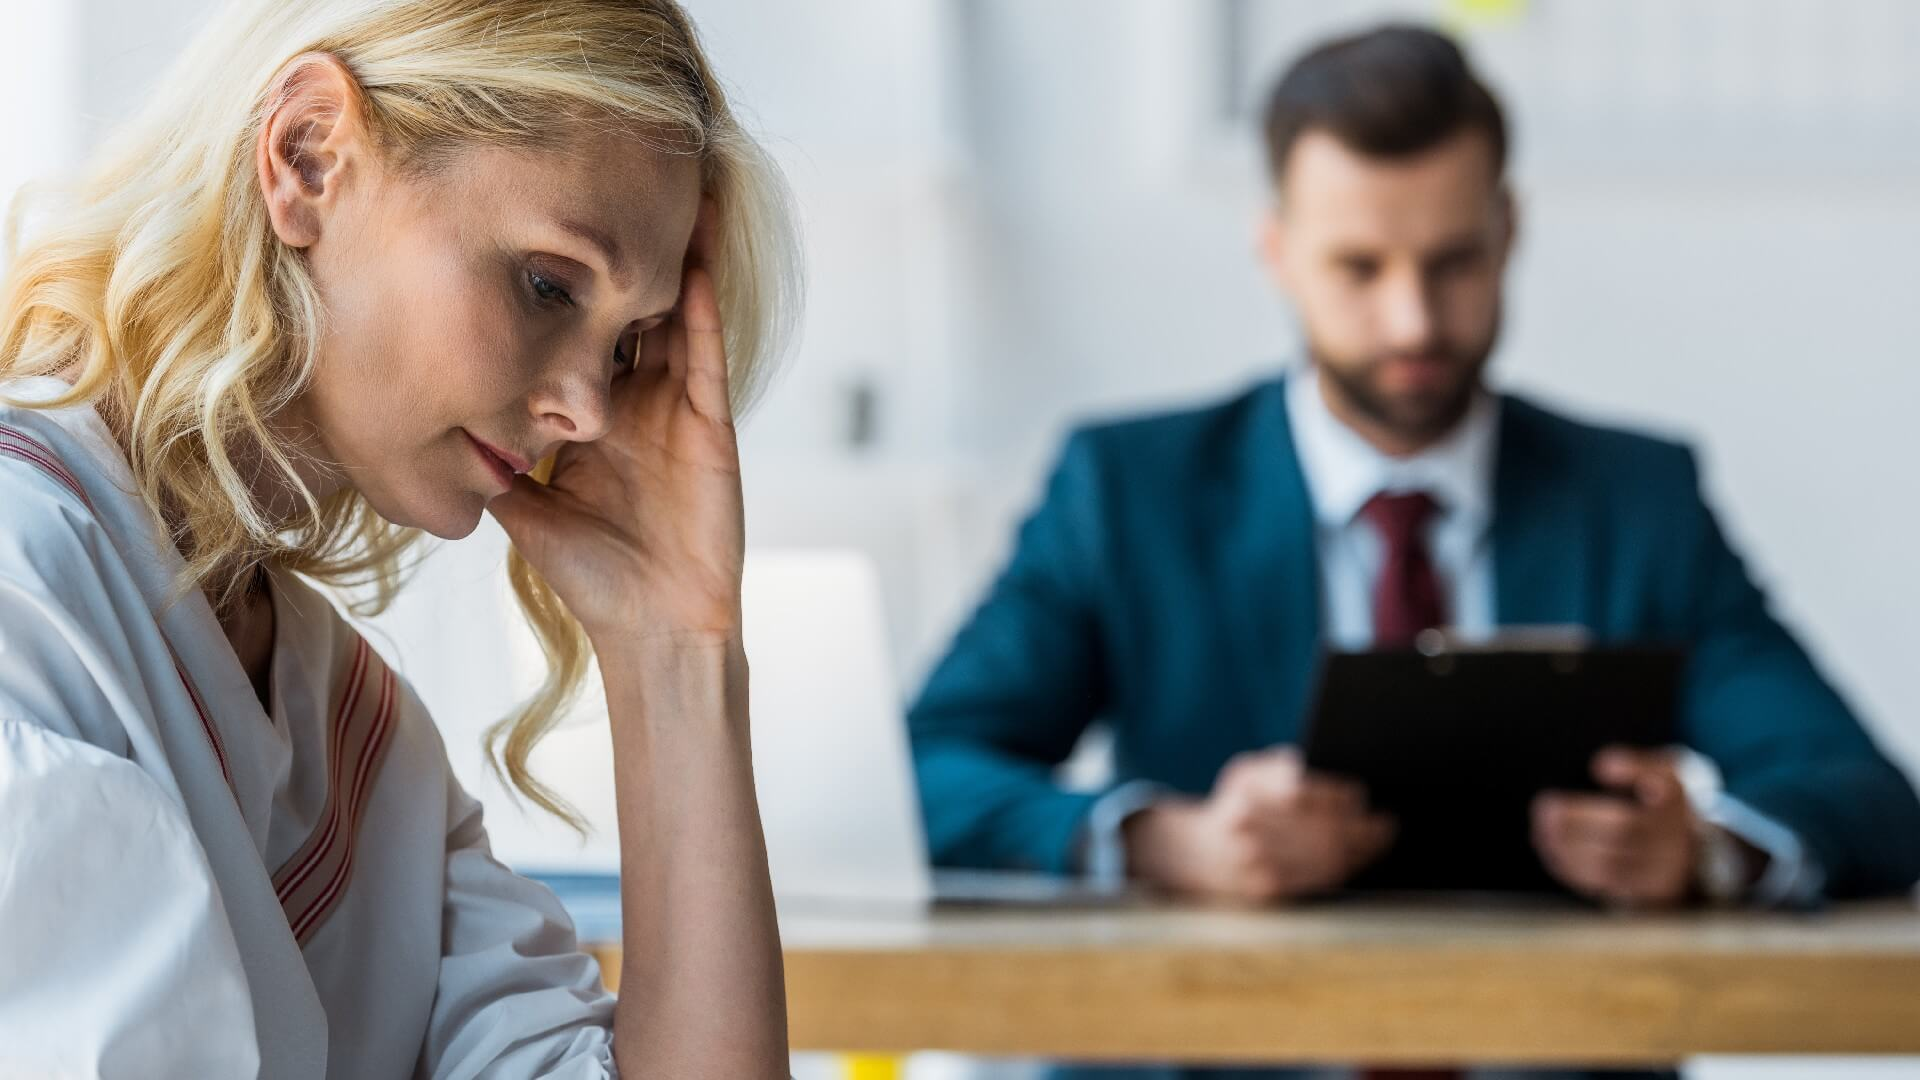 אפליה תעסוקתית במקום העבודה